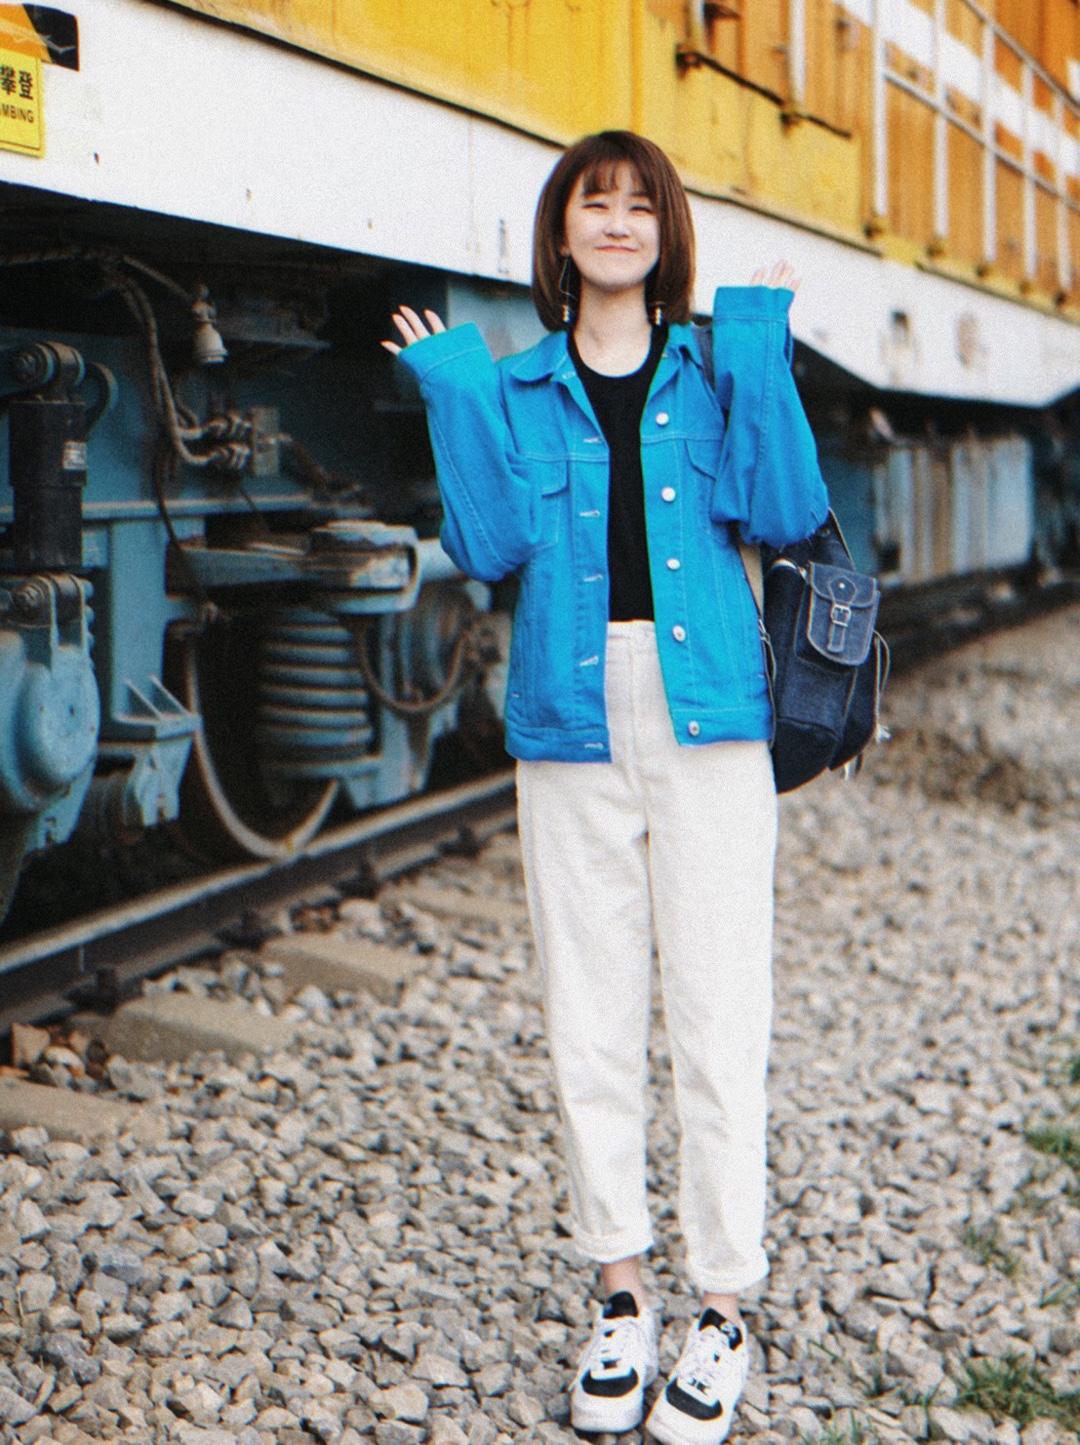 #五一穿什么才能赞爆朋友圈?# 【OOTD】春夏穿搭 蓝色牛仔外套  跟我走吧。 不愿意吗? 不愿意的话,那就让我跟你走吧。  牛仔外套/MSGM 裤子/ICY 鞋子/Nike 包/Grafea